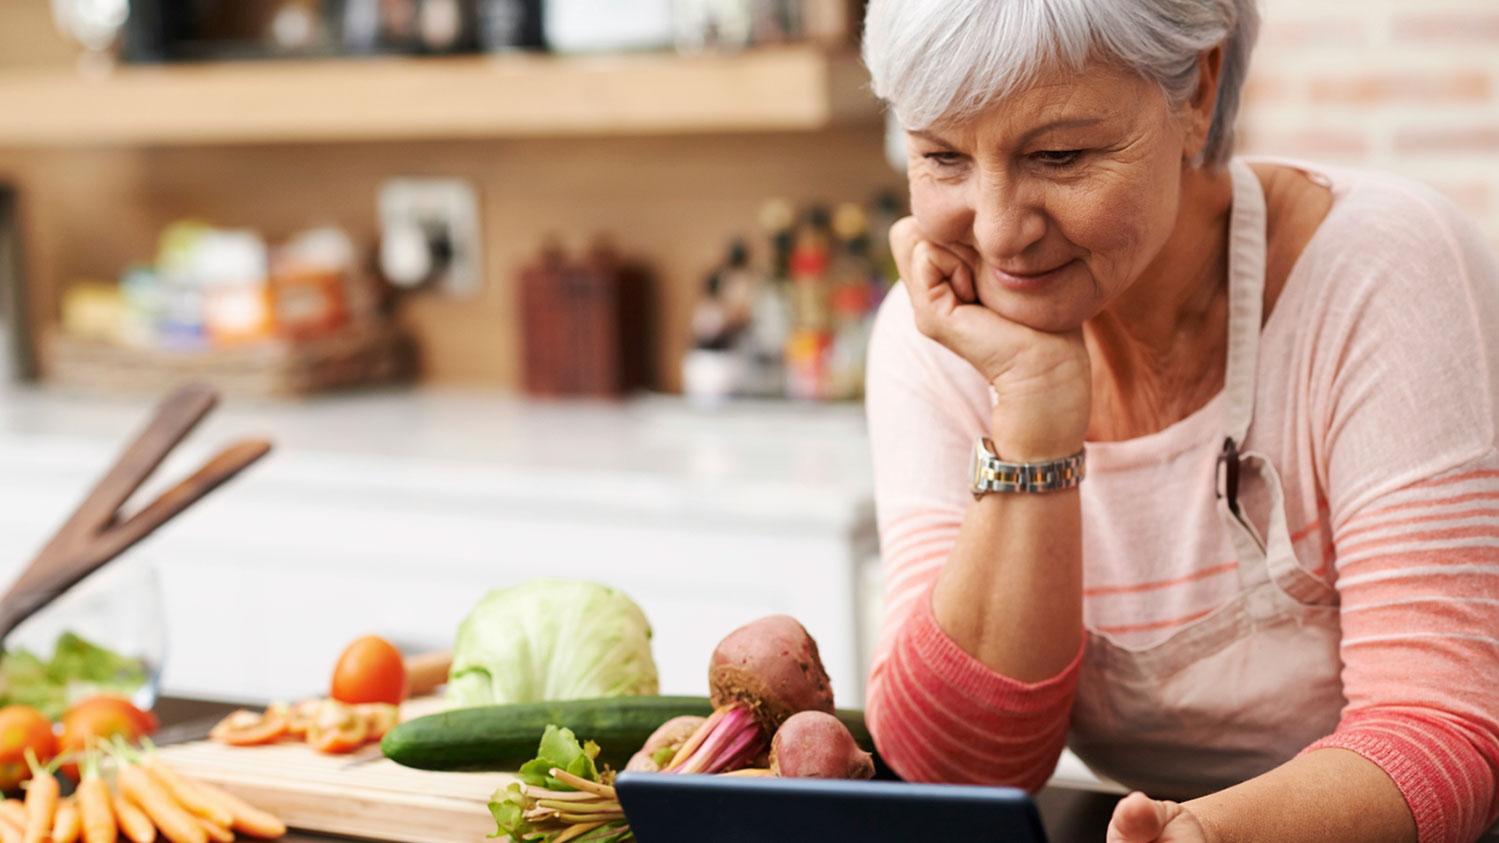 Proper Diet Solutions for Seniors